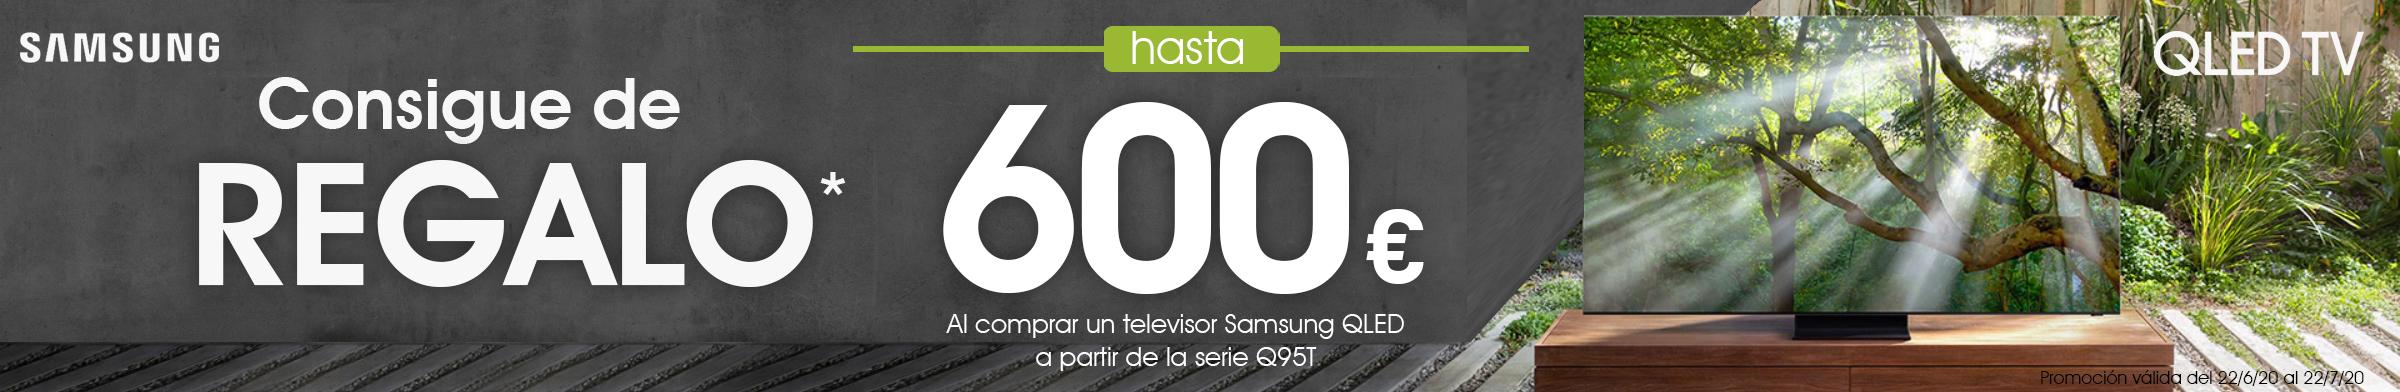 Ahora por la compre de un TV QLED SAMSUNG de la serie Q95T en adelante, regalaremos hasta 600€ de cashback.